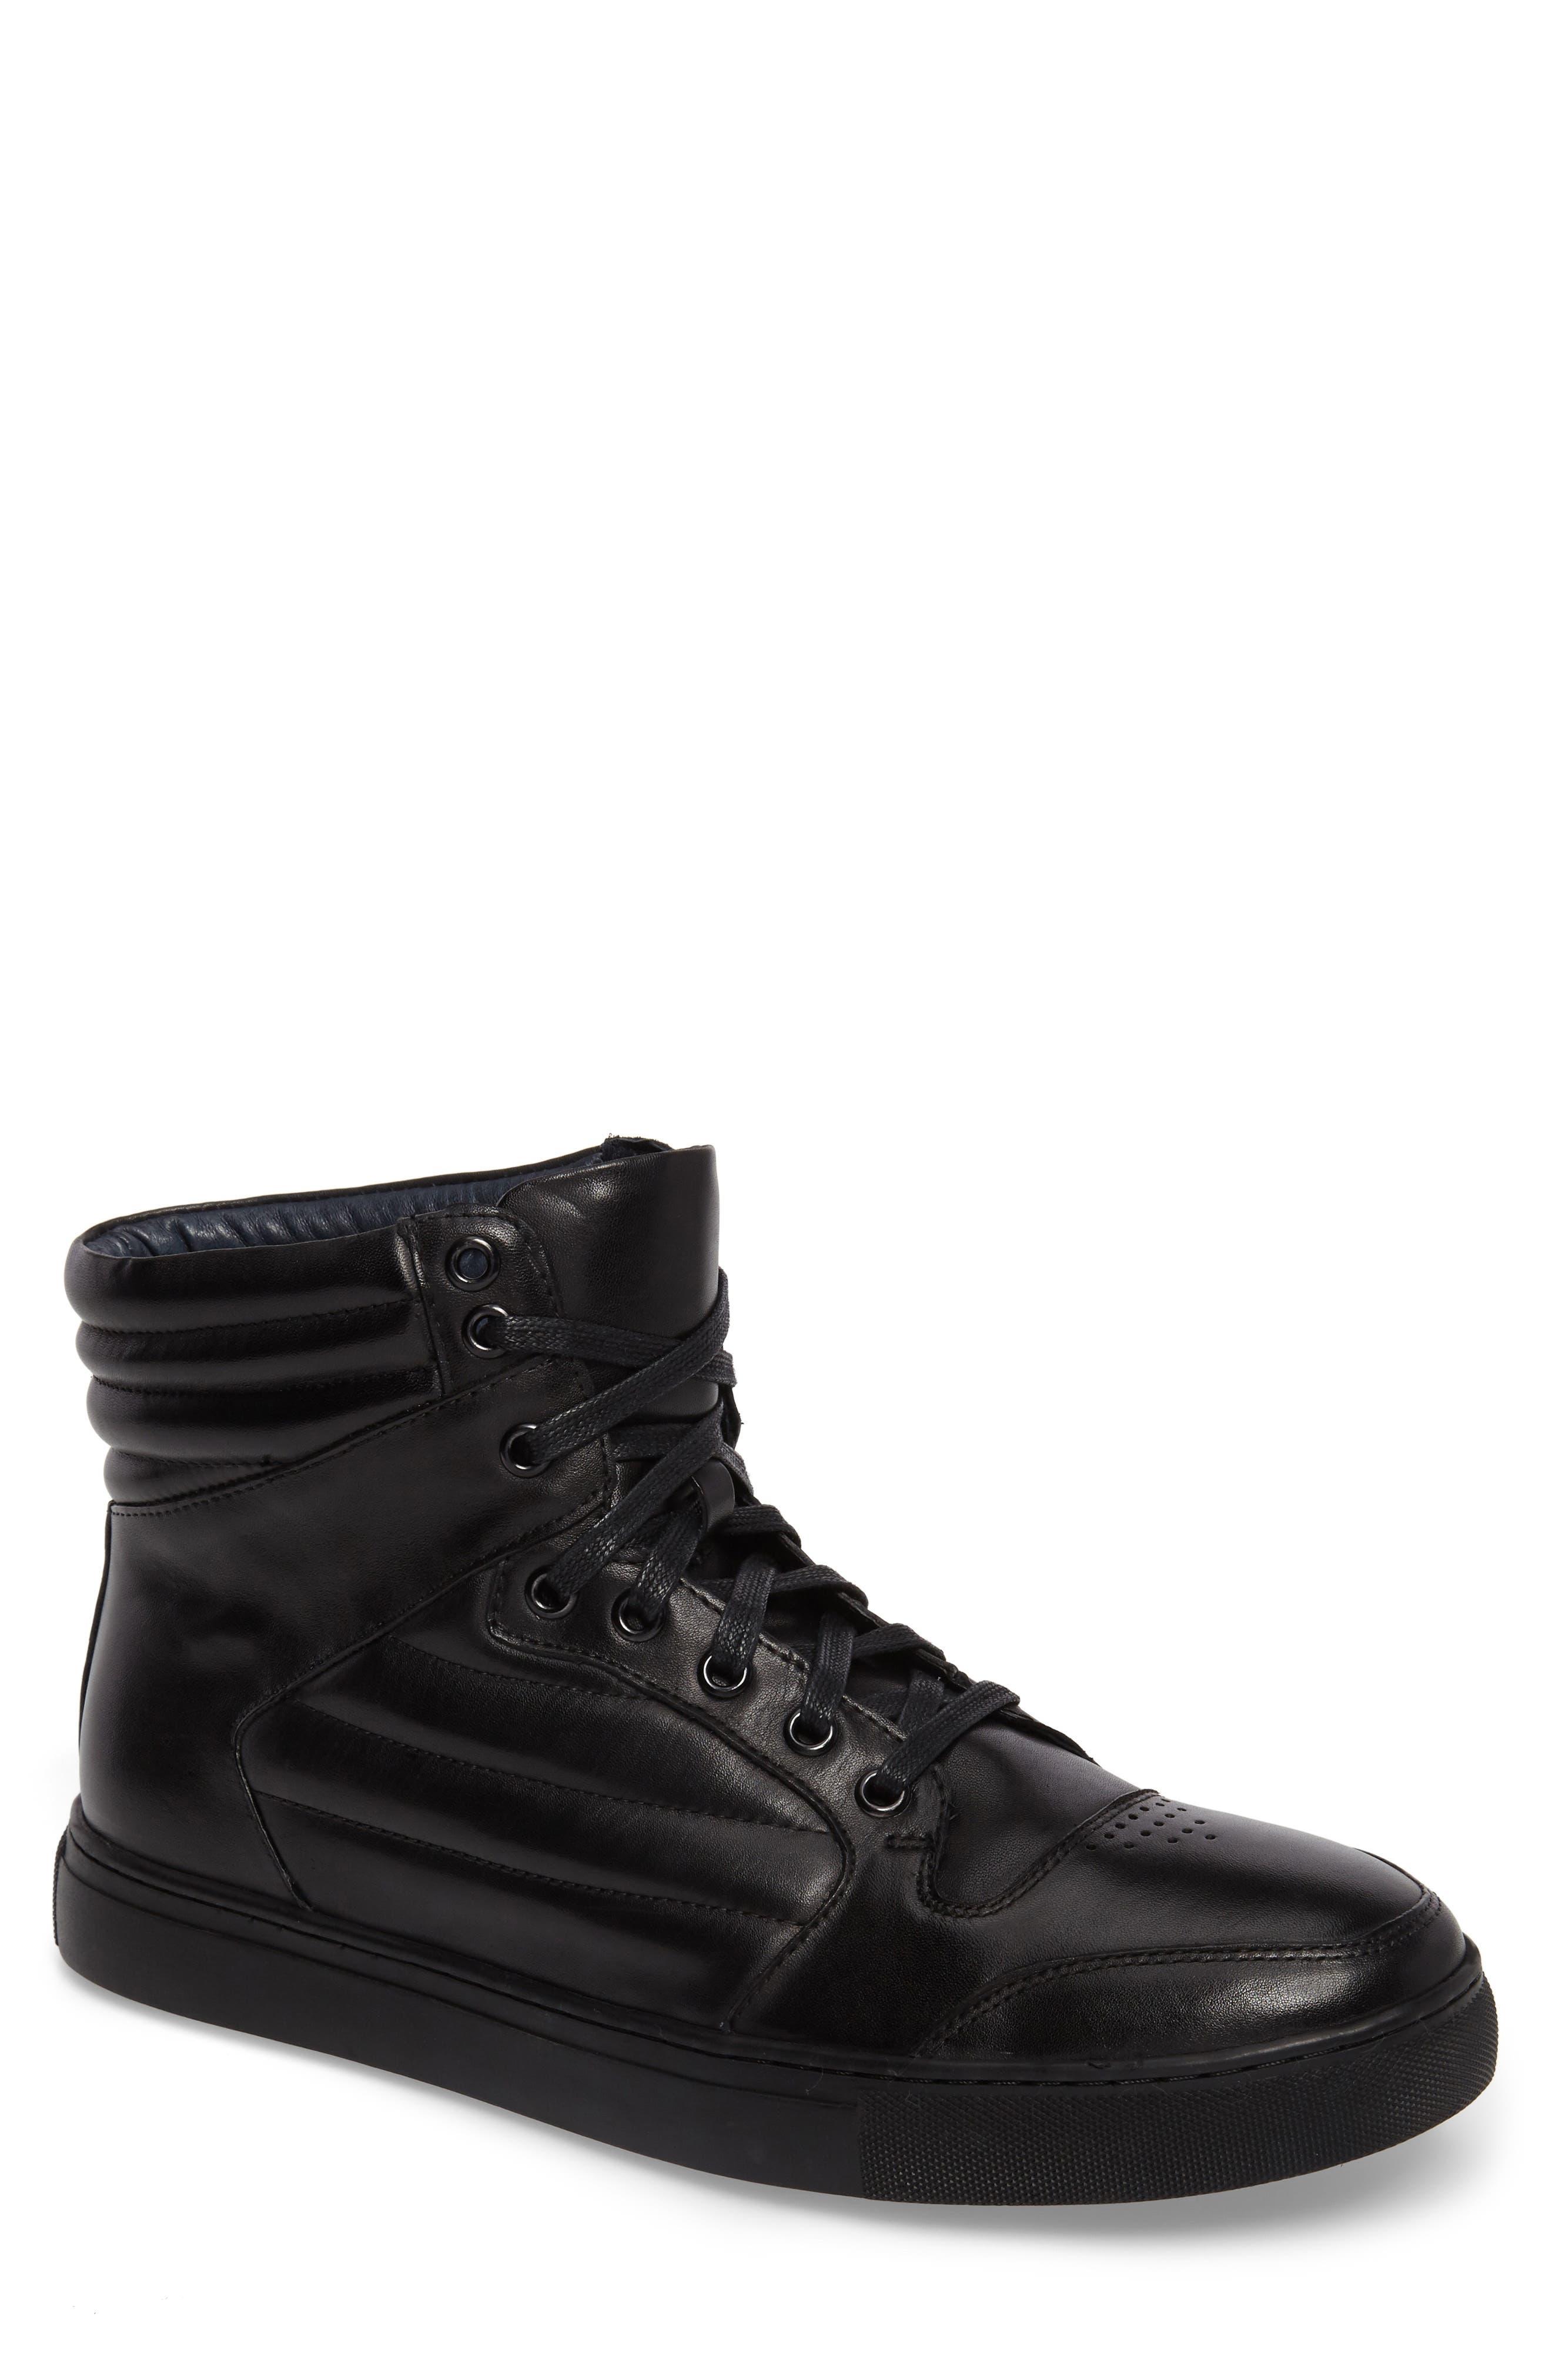 Zanzara Vacdes High Top Sneaker (Men)